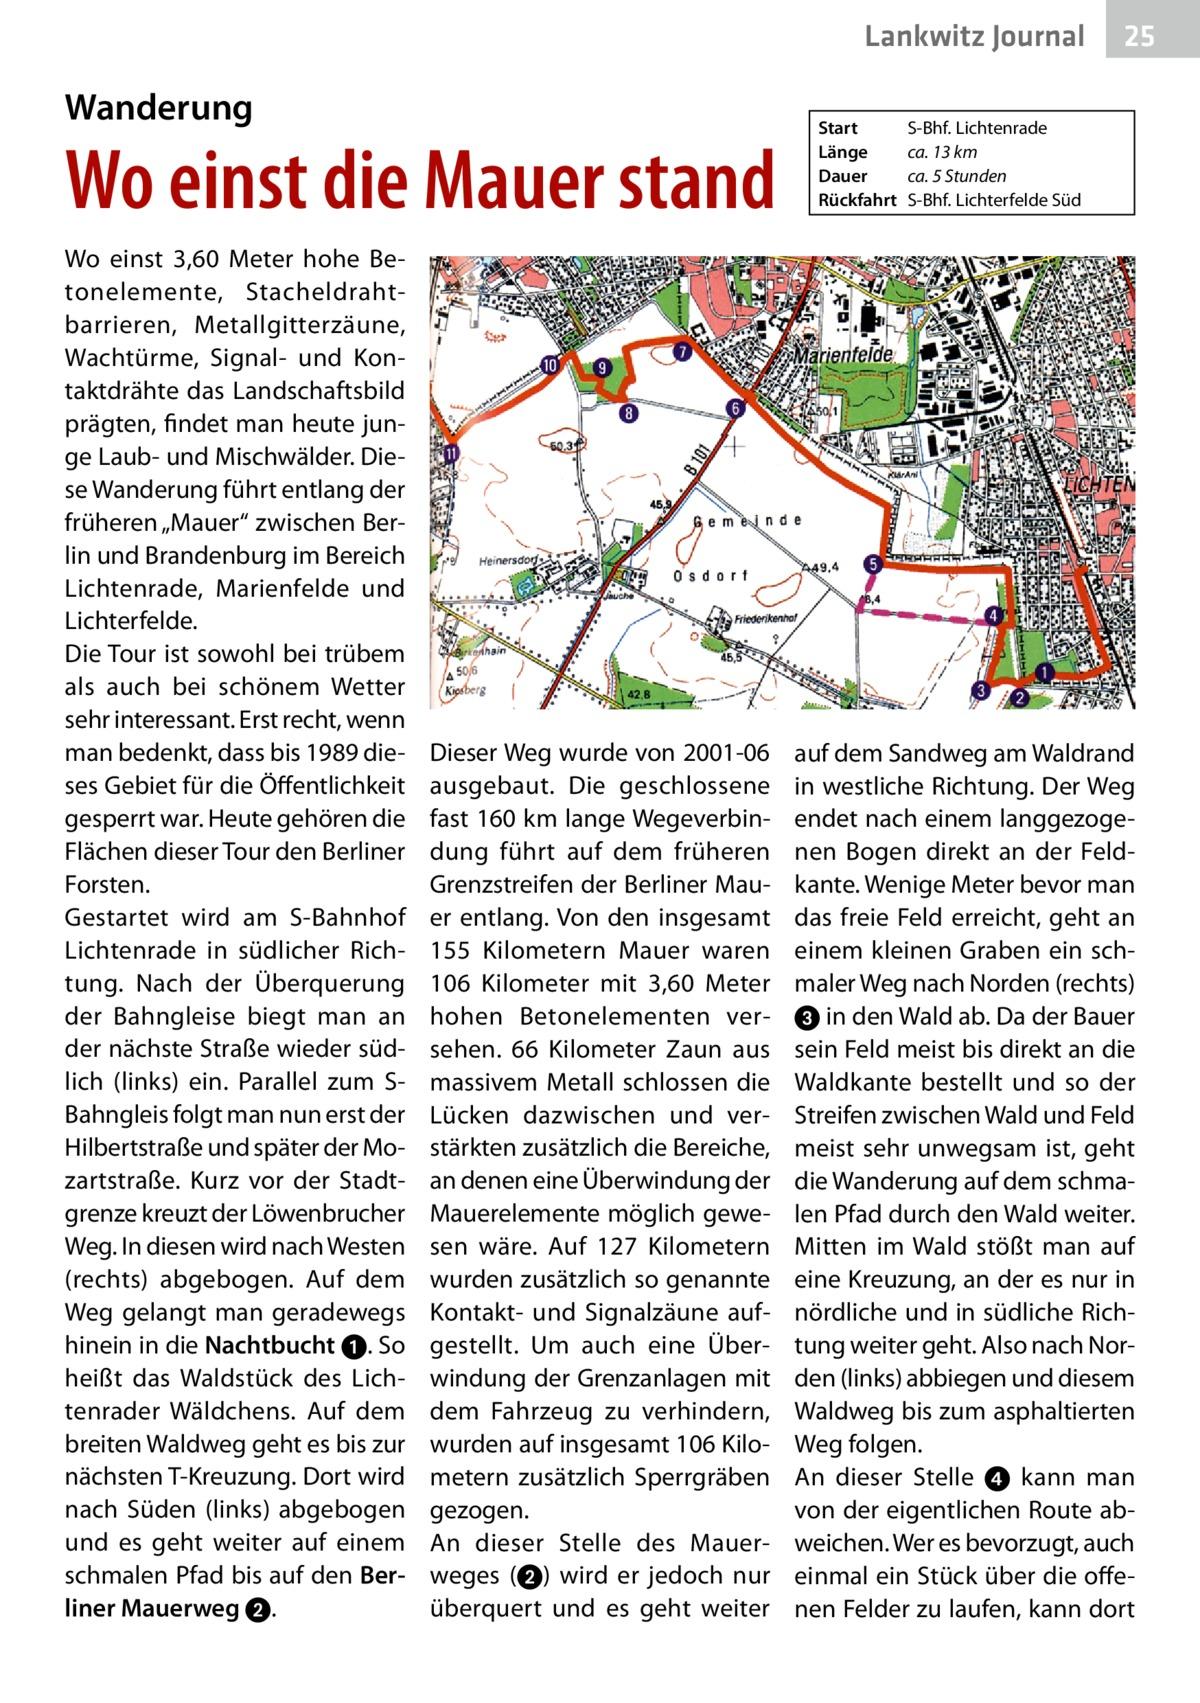 """Lankwitz Journal  Wanderung  Wo einst die Mauer stand Wo einst 3,60 Meter hohe Betonelemente, Stacheldrahtbarrieren, Metallgitterzäune, Wachtürme, Signal- und Kontaktdrähte das Landschaftsbild prägten, findet man heute junge Laub- und Mischwälder. Diese Wanderung führt entlang der früheren """"Mauer"""" zwischen Berlin und Brandenburg im Bereich Lichtenrade, Marienfelde und Lichterfelde. Die Tour ist sowohl bei trübem als auch bei schönem Wetter sehr interessant. Erst recht, wenn man bedenkt, dass bis 1989 dieses Gebiet für die Öffentlichkeit gesperrt war. Heute gehören die Flächen dieser Tour den Berliner Forsten. Gestartet wird am S-Bahnhof Lichtenrade in südlicher Richtung. Nach der Überquerung der Bahngleise biegt man an der nächste Straße wieder südlich (links) ein. Parallel zum SBahngleis folgt man nun erst der Hilbertstraße und später der Mozartstraße. Kurz vor der Stadtgrenze kreuzt der Löwenbrucher Weg. In diesen wird nach Westen (rechts) abgebogen. Auf dem Weg gelangt man geradewegs hinein in die Nachtbucht ➊. So heißt das Waldstück des Lichtenrader Wäldchens. Auf dem breiten Waldweg geht es bis zur nächsten T-Kreuzung. Dort wird nach Süden (links) abgebogen und es geht weiter auf einem schmalen Pfad bis auf den Ber liner Mauerweg➋.  Dieser Weg wurde von 2001-06 ausgebaut. Die geschlossene fast 160km lange Wegeverbindung führt auf dem früheren Grenzstreifen der Berliner Mauer entlang. Von den insgesamt 155 Kilometern Mauer waren 106 Kilometer mit 3,60 Meter hohen Betonelementen versehen. 66 Kilometer Zaun aus massivem Metall schlossen die Lücken dazwischen und verstärkten zusätzlich die Bereiche, an denen eine Überwindung der Mauerelemente möglich gewesen wäre. Auf 127 Kilometern wurden zusätzlich so genannte Kontakt- und Signalzäune aufgestellt. Um auch eine Überwindung der Grenzanlagen mit dem Fahrzeug zu verhindern, wurden auf insgesamt 106Kilometern zusätzlich Sperrgräben gezogen. An dieser Stelle des Mauerweges (➋) wird er jedoch nur überquert und es geht w"""